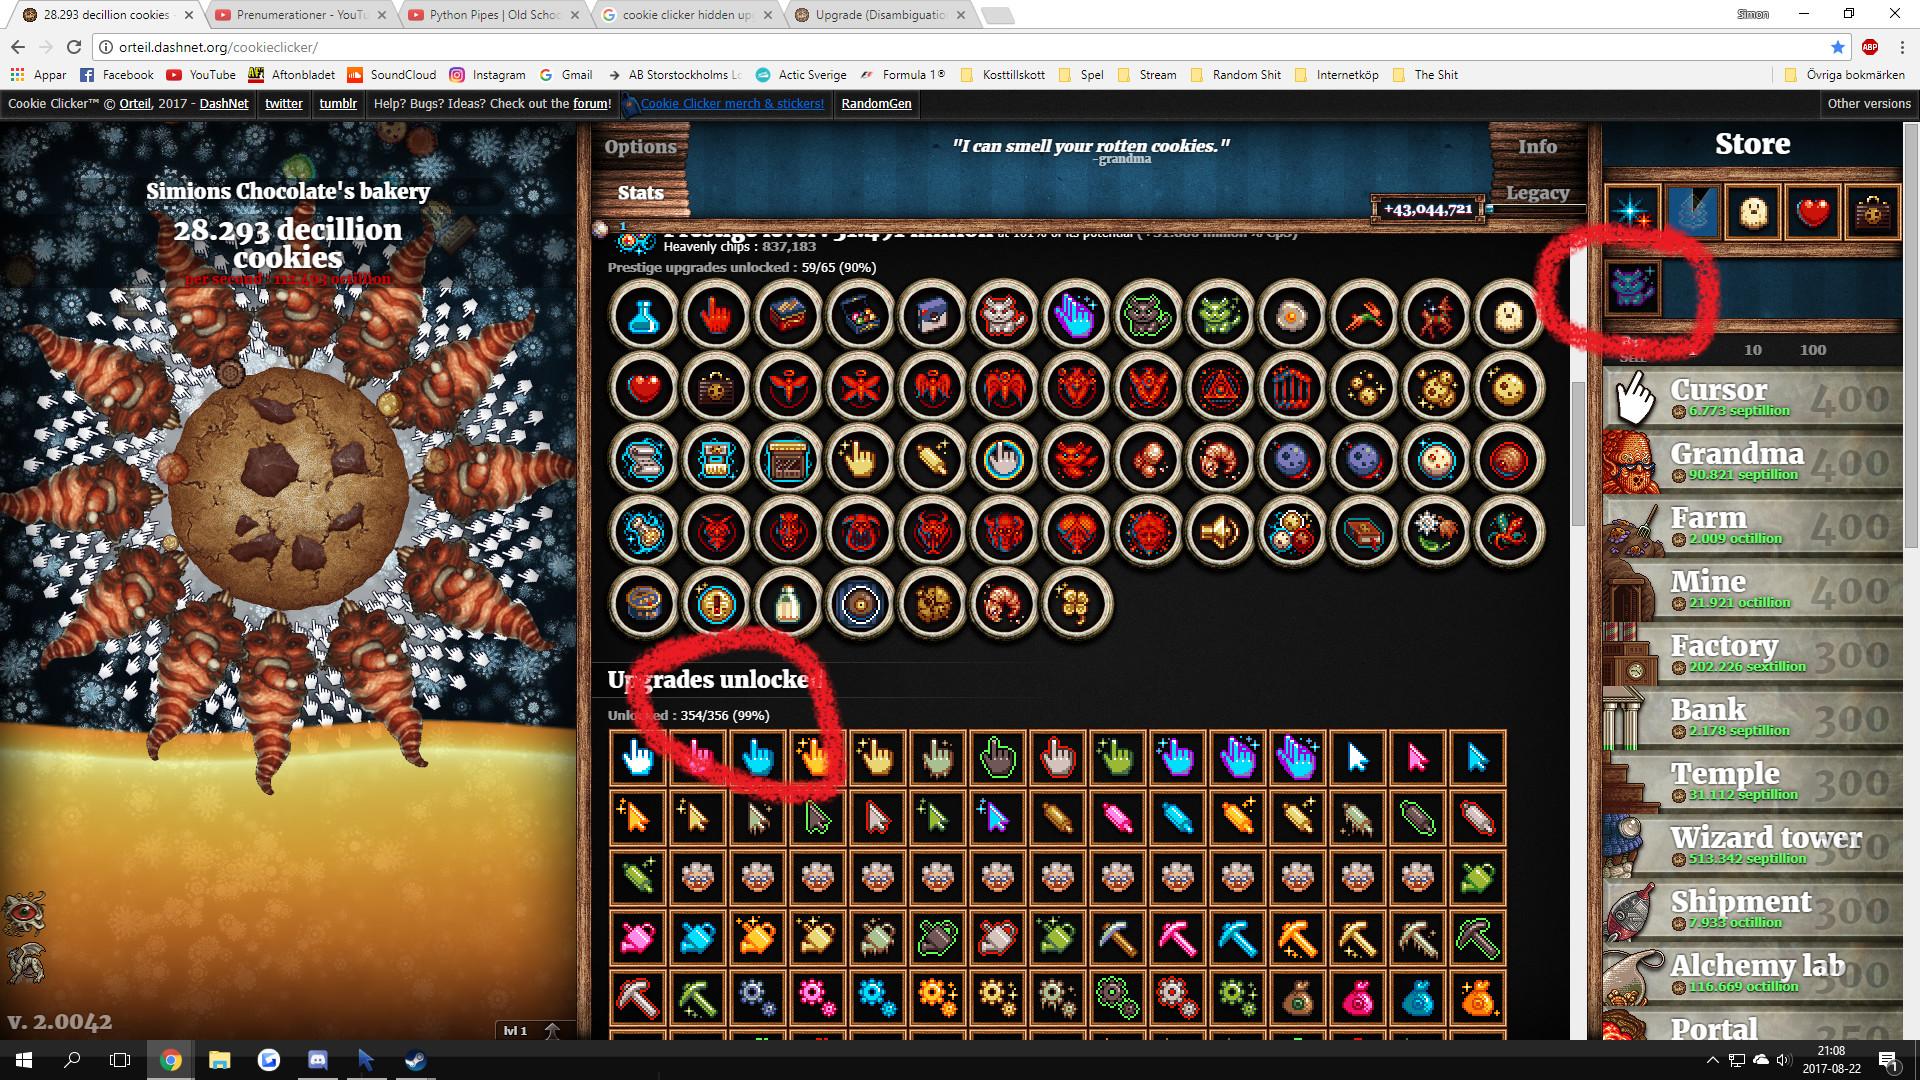 Halloween Cookies Cookie Clicker  Zzlim u Zzlim Reddit